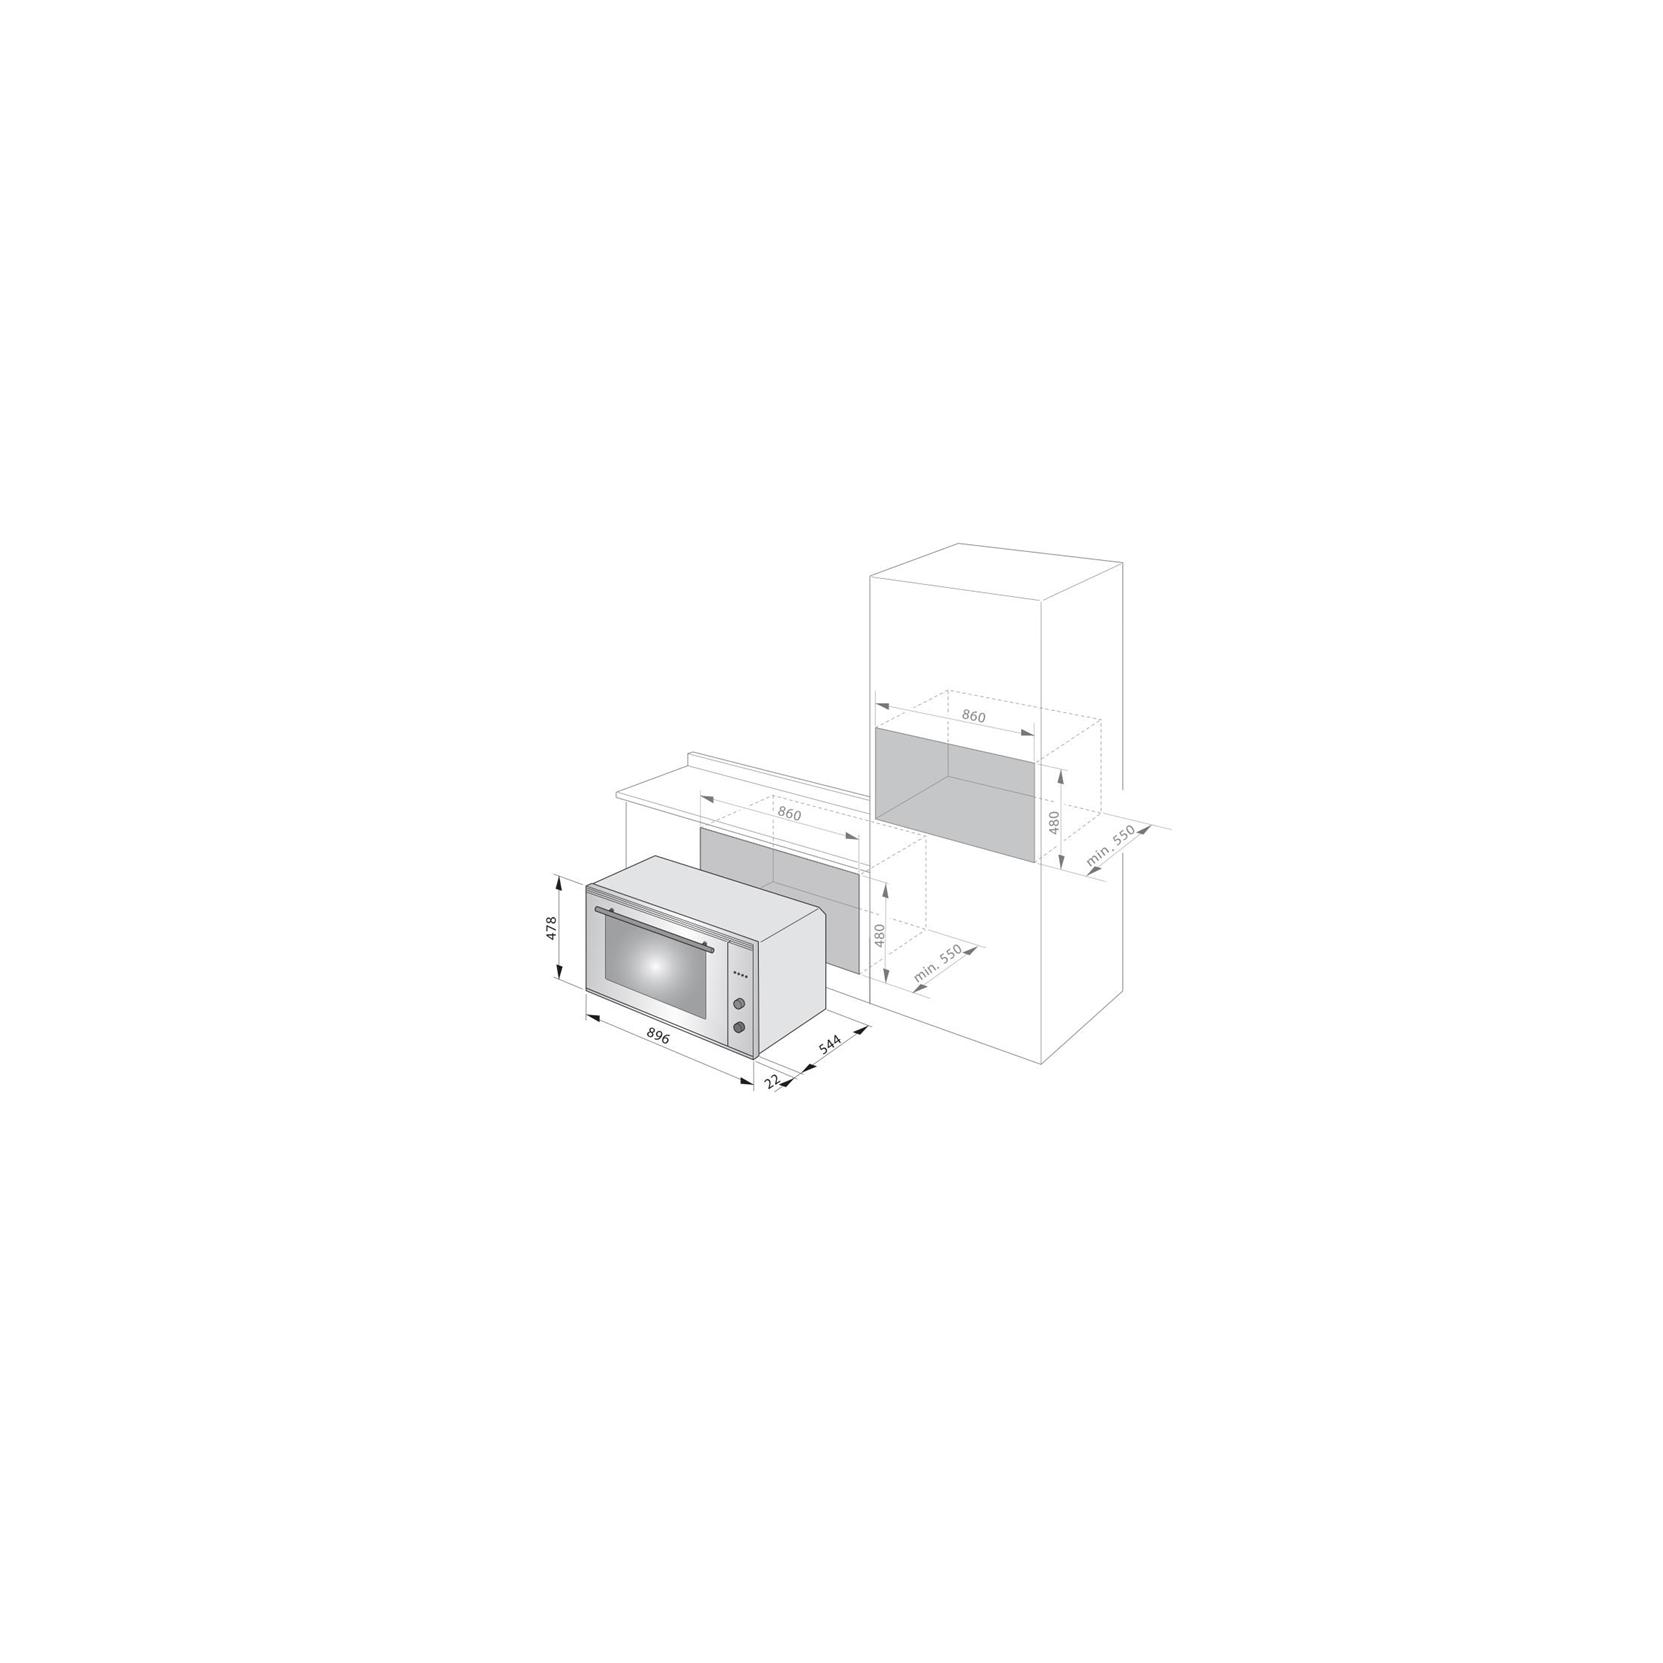 Forno da incasso elettrico multifunzione de longhi fm9a6 da 90 cm classe a promozione - Forno da incasso elettrico ...